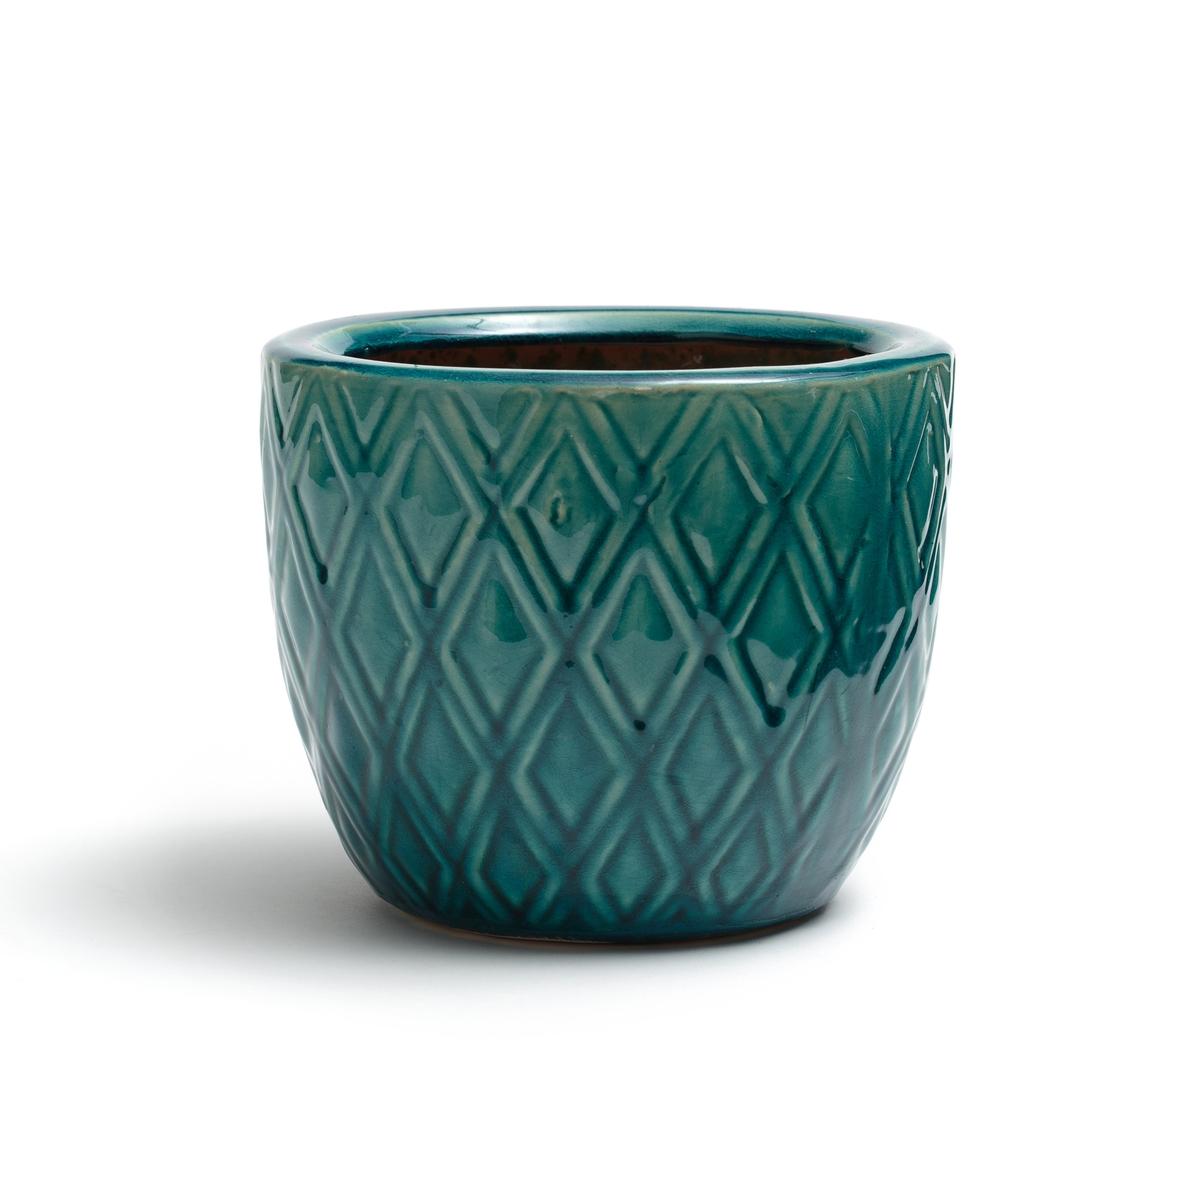 Кашпо La Redoute BANGOR единый размер синий кашпо la redoute из керамики в см euphyllia единый размер синий